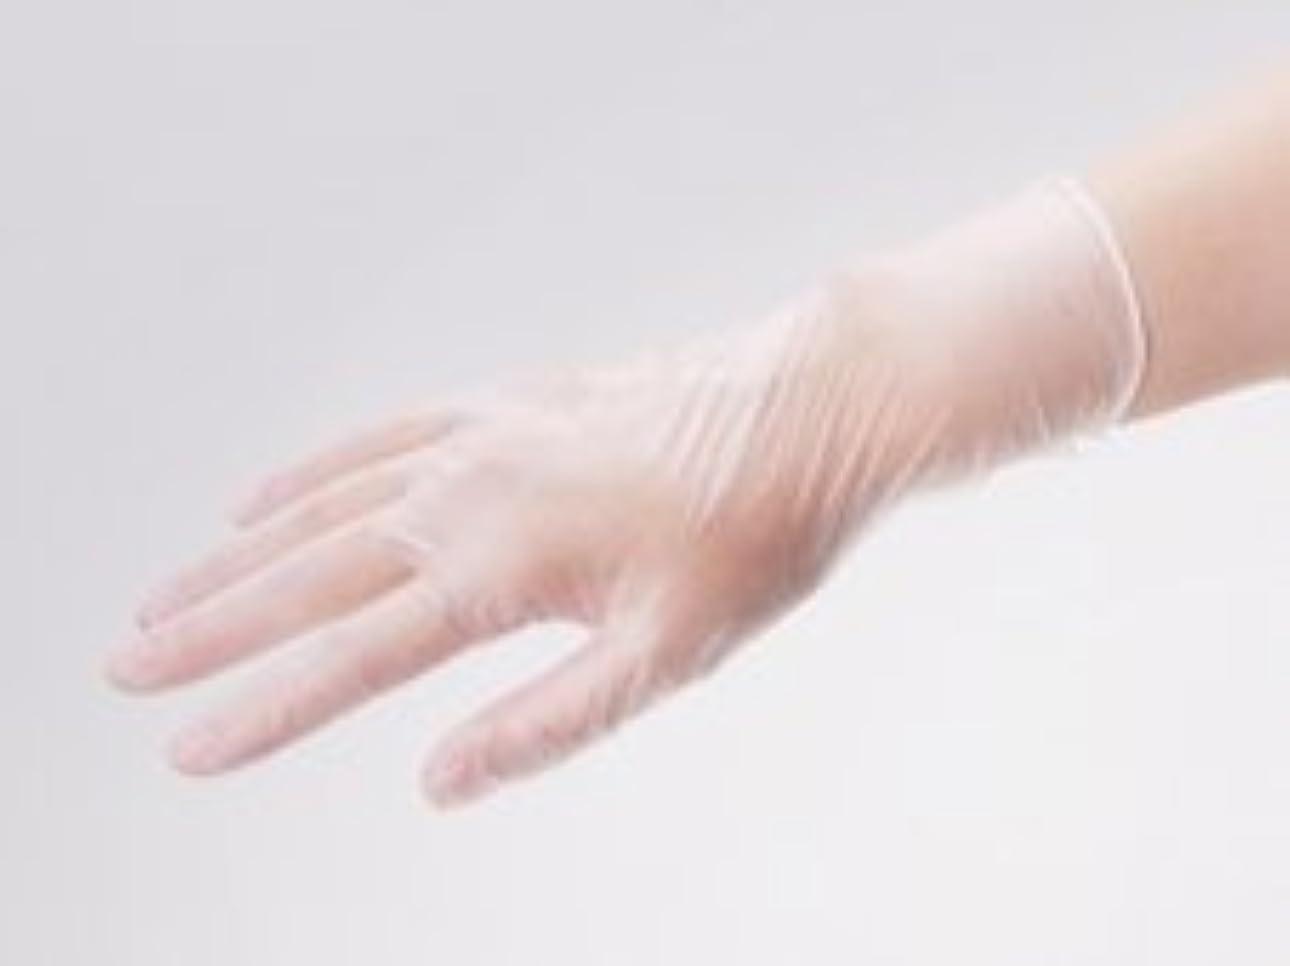 委託マイナス近傍エクセレント プラスチック手袋 PVC-200PF Sサイズ(100枚入)